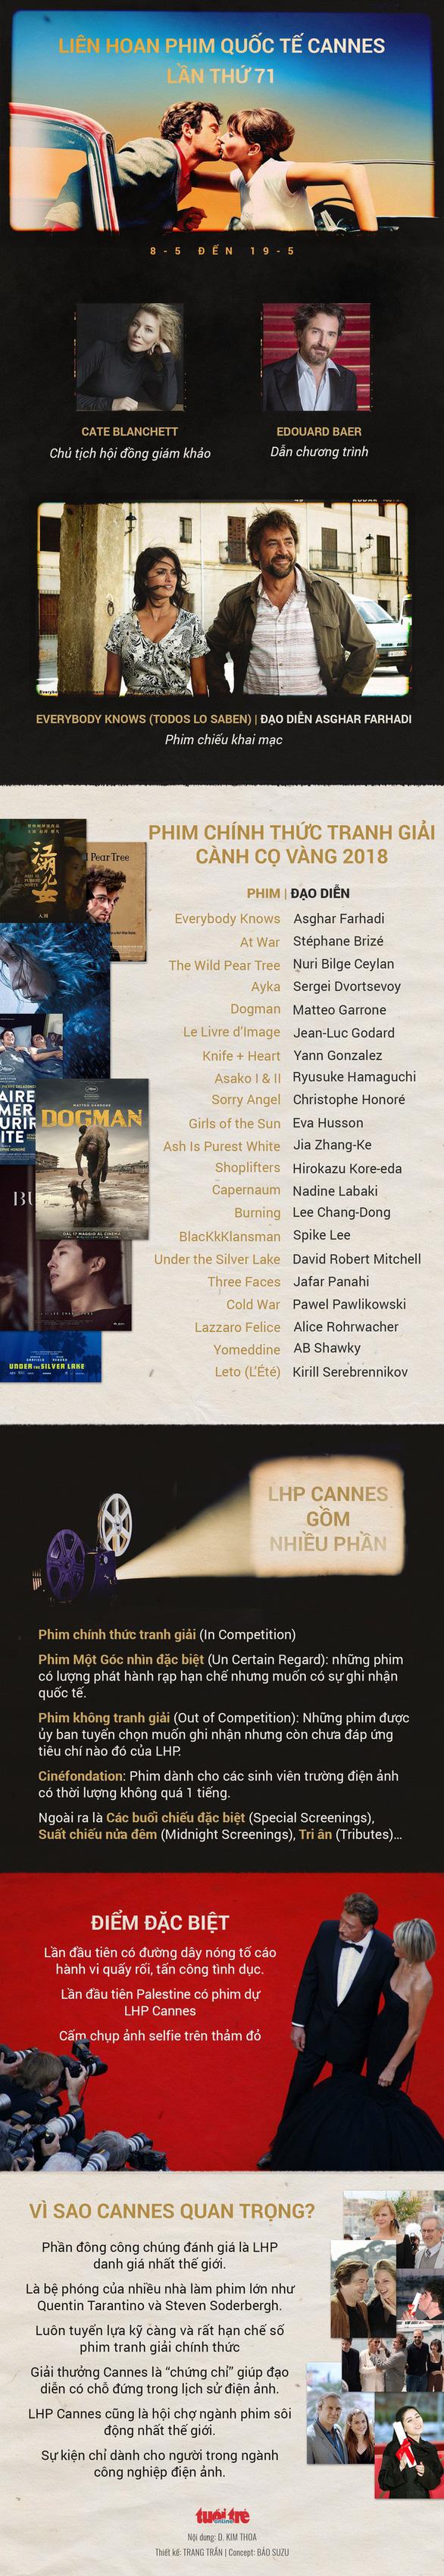 Cannes ngập tràn dàn người đẹp châu Á từ vô danh đến nổi tiếng - Ảnh 12.